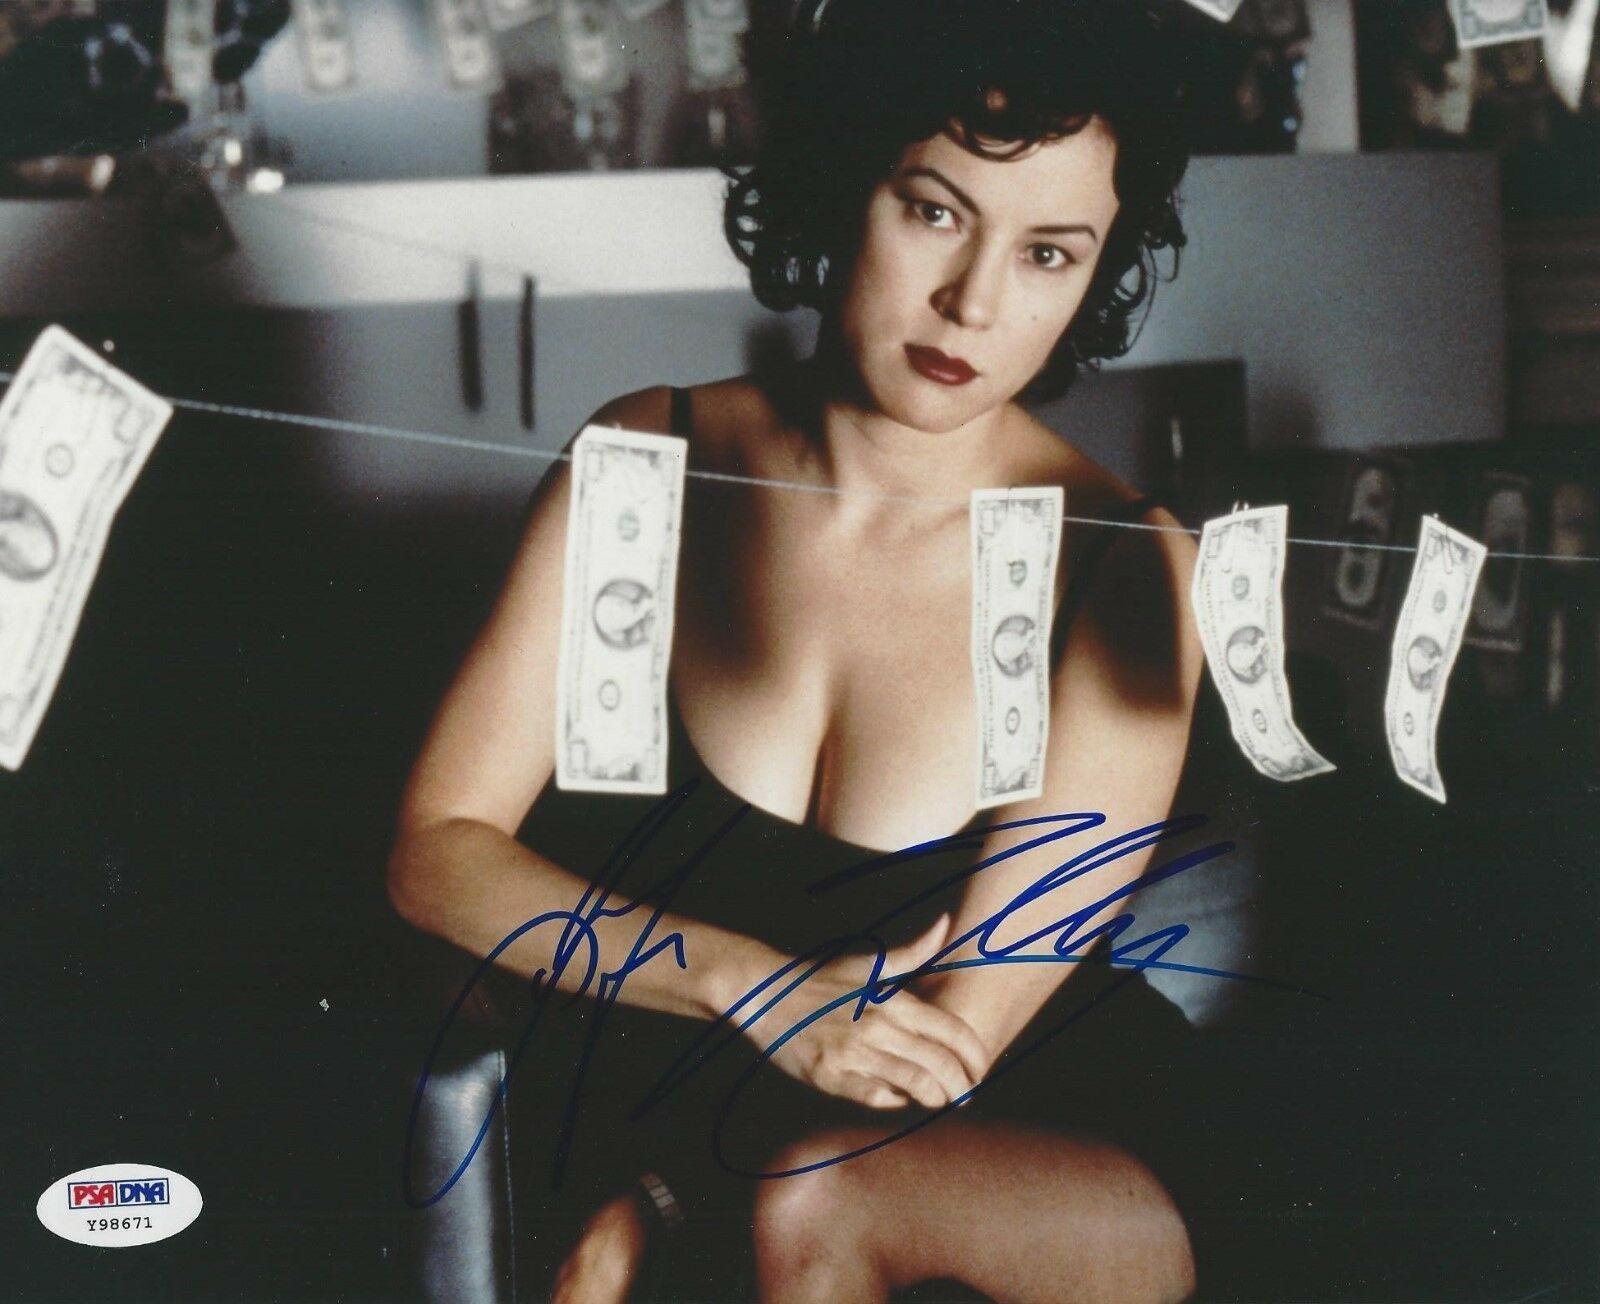 Jennifer Tilly autographed sexy 8x10 photo (PSA/DNA